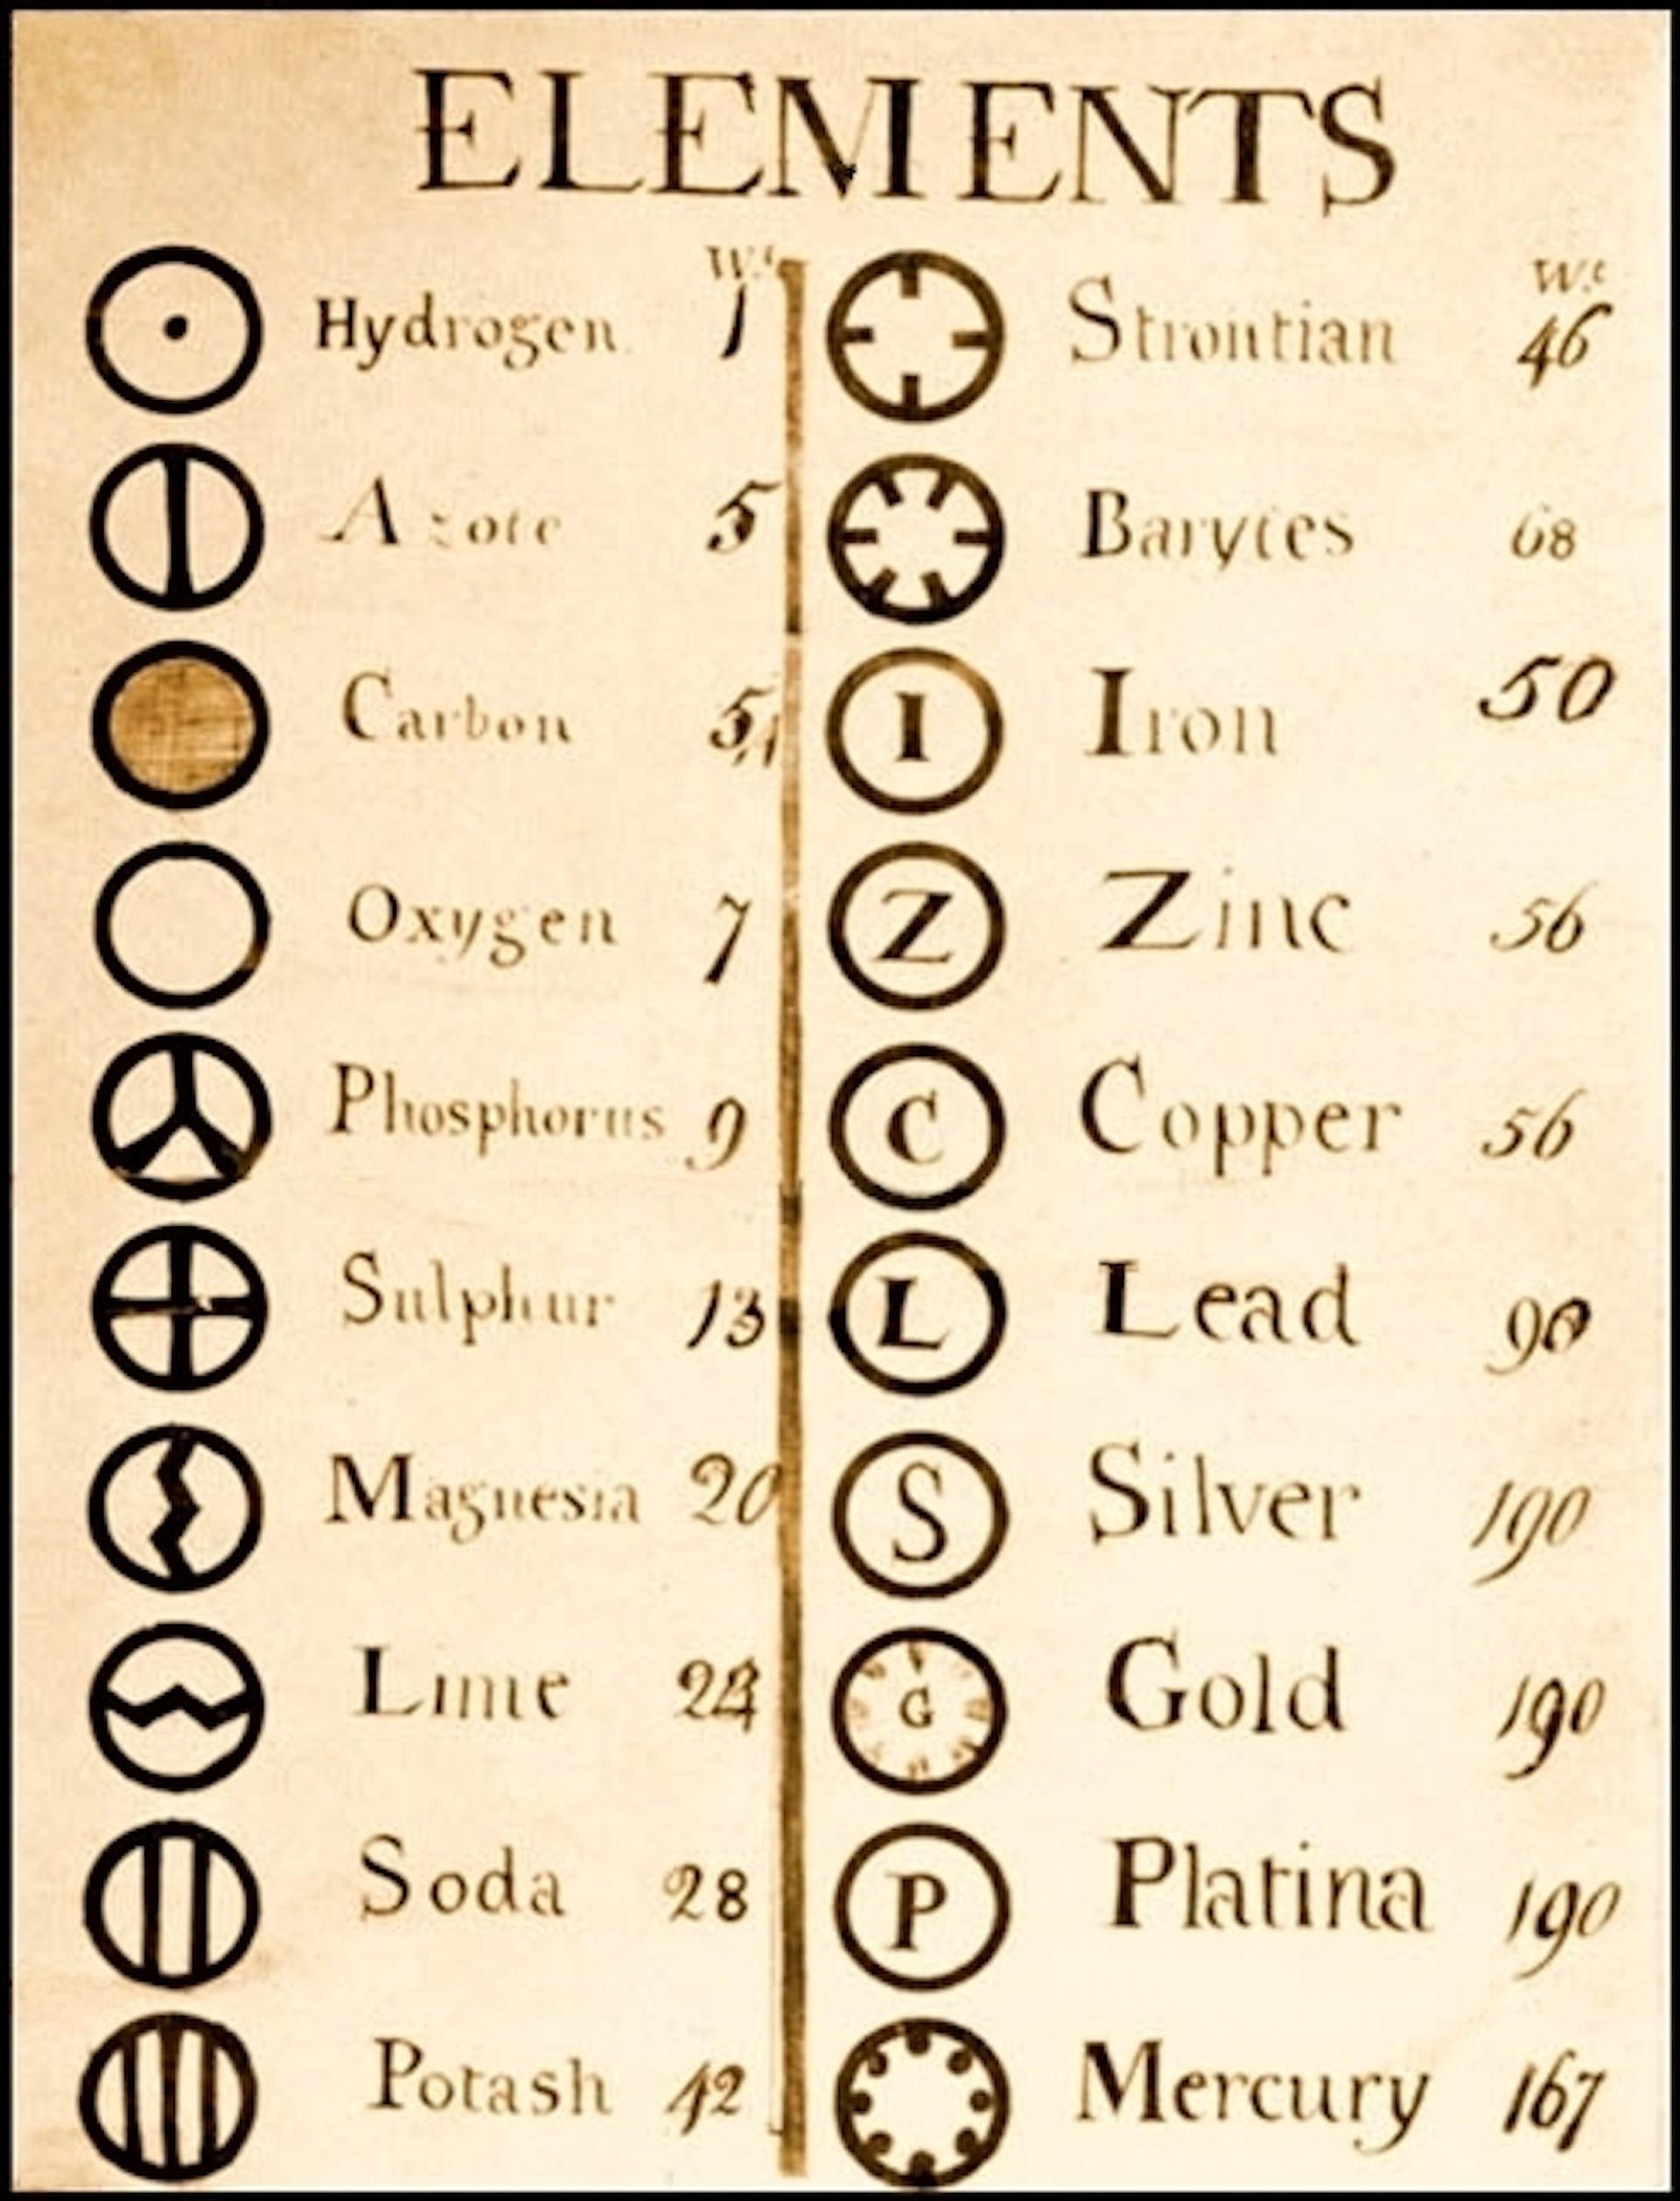 La lista de elementos de John Dalton. Foto: Wikimedia Commons